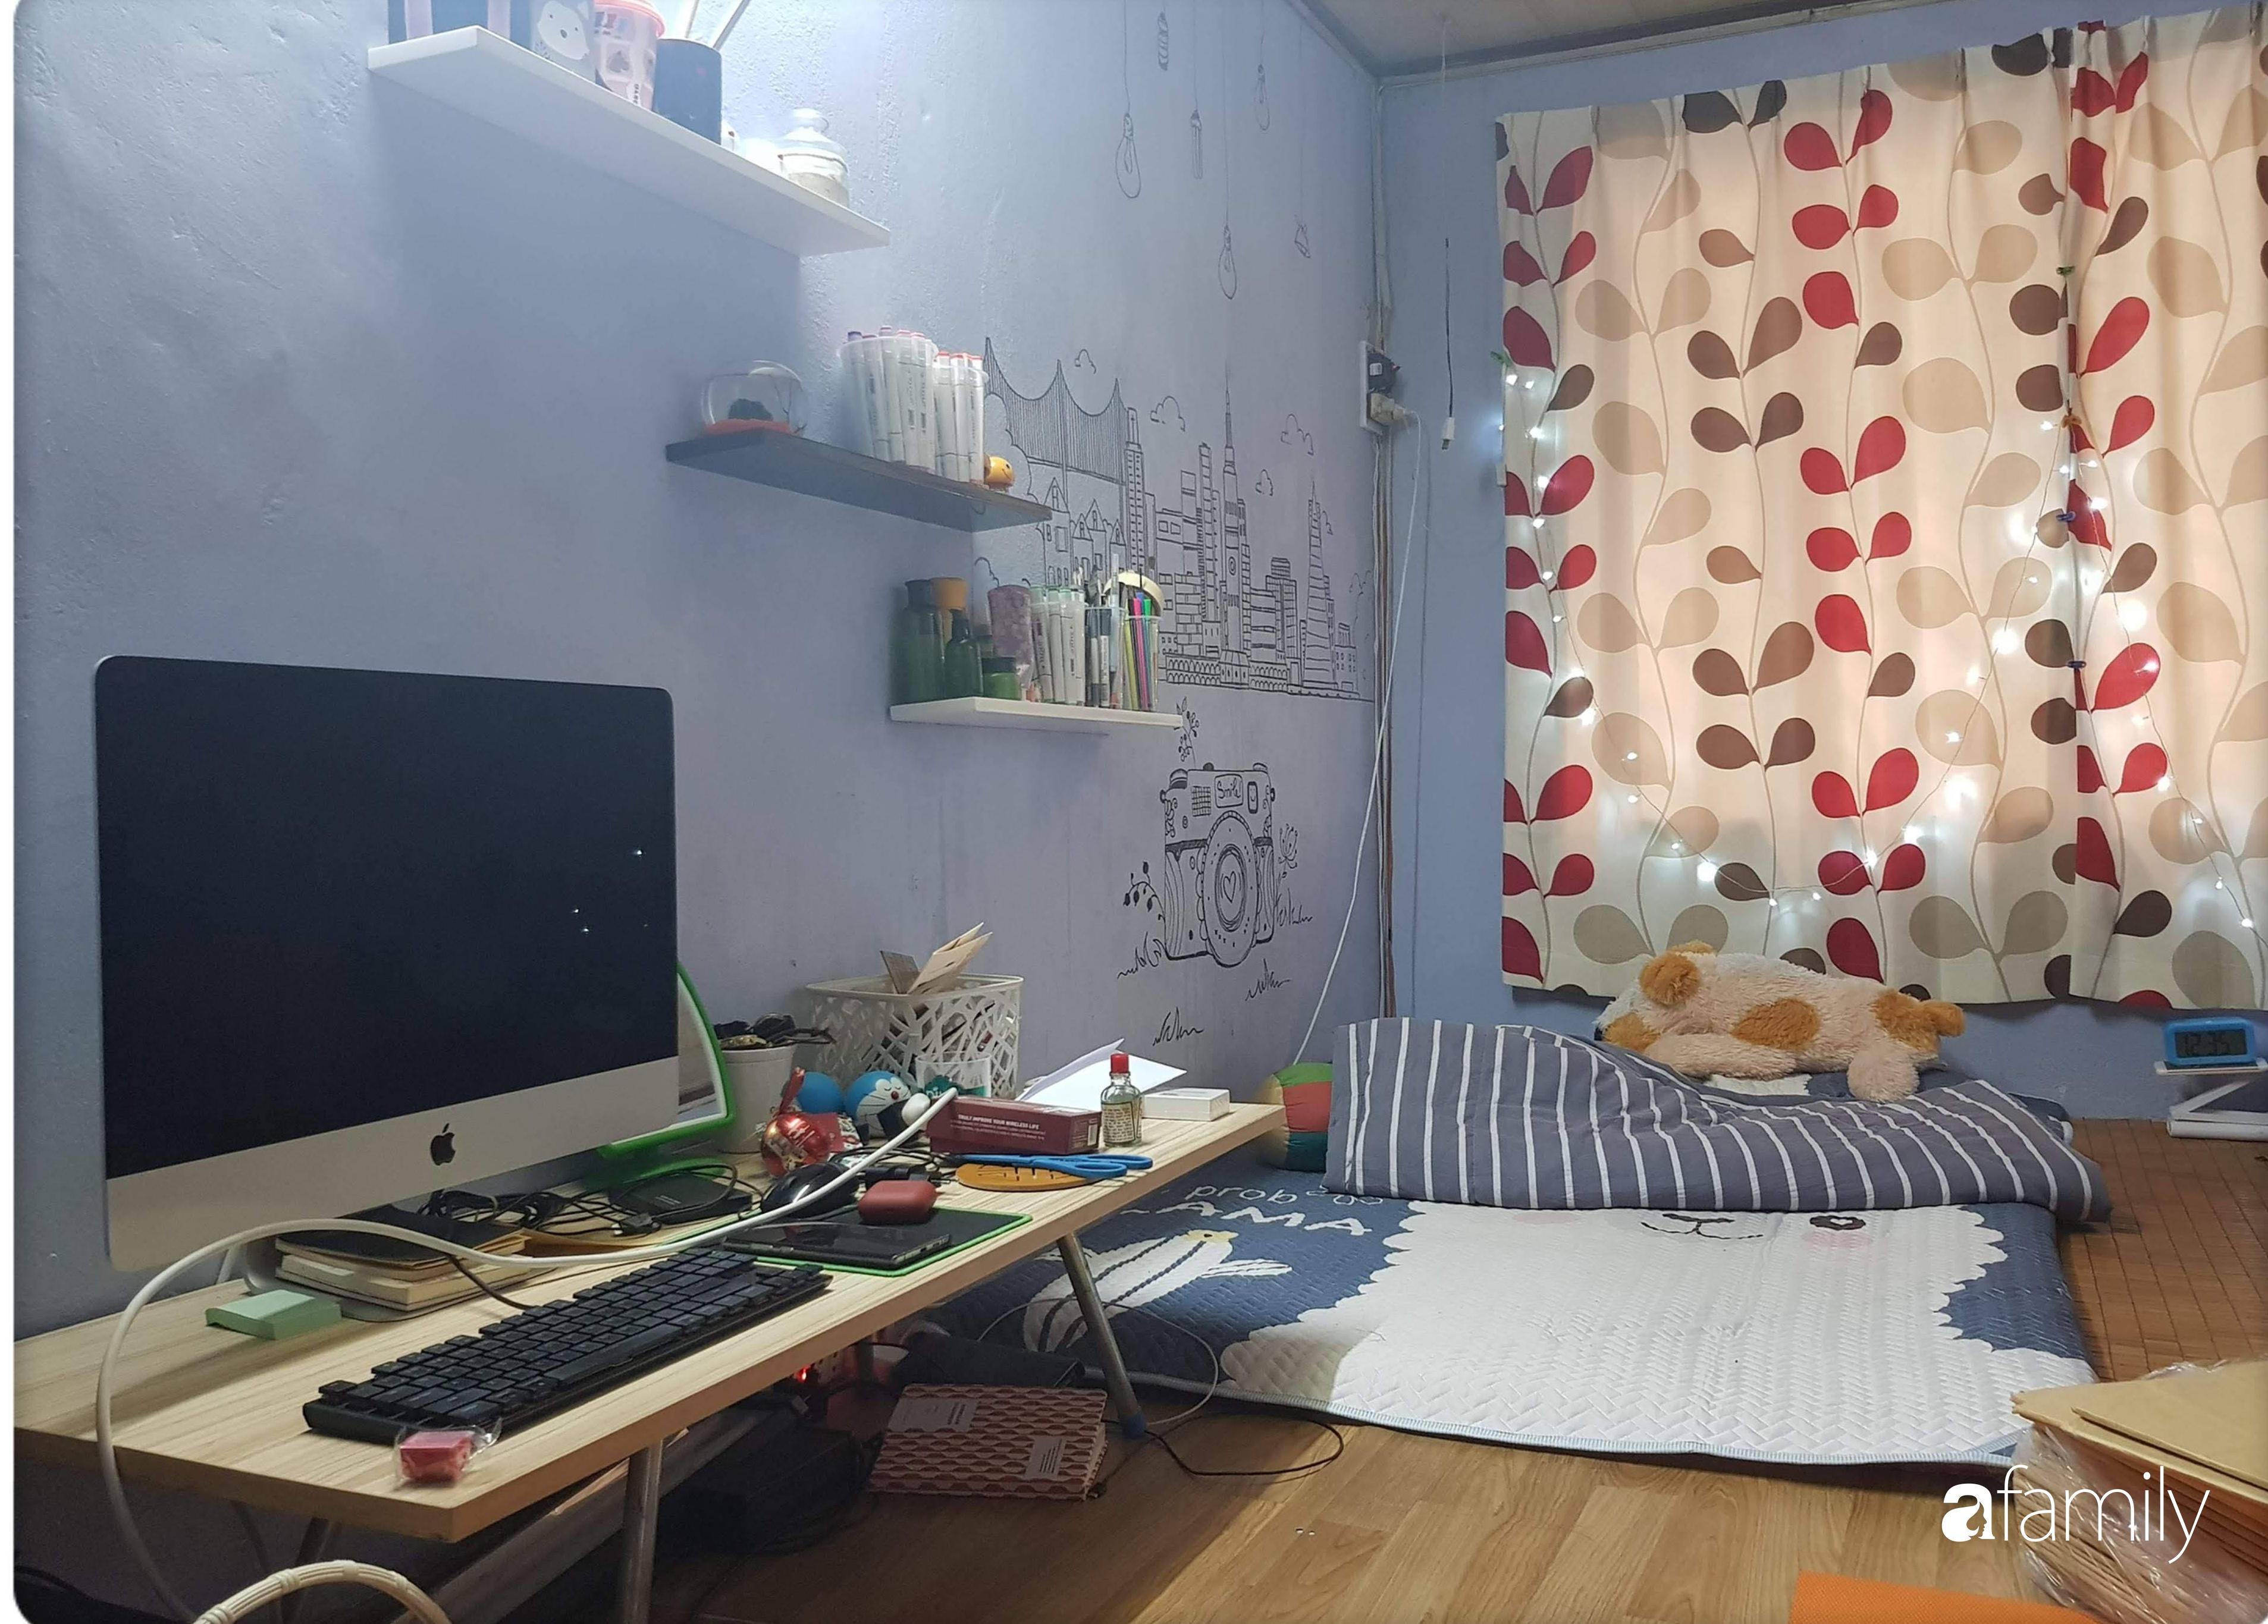 Chỉ với hơn 3 triệu và bí quyết cải tạo phòng ngủ thành không gian ngọt ngào, lãng mạn của cô gái Sài Gòn - Ảnh 3.